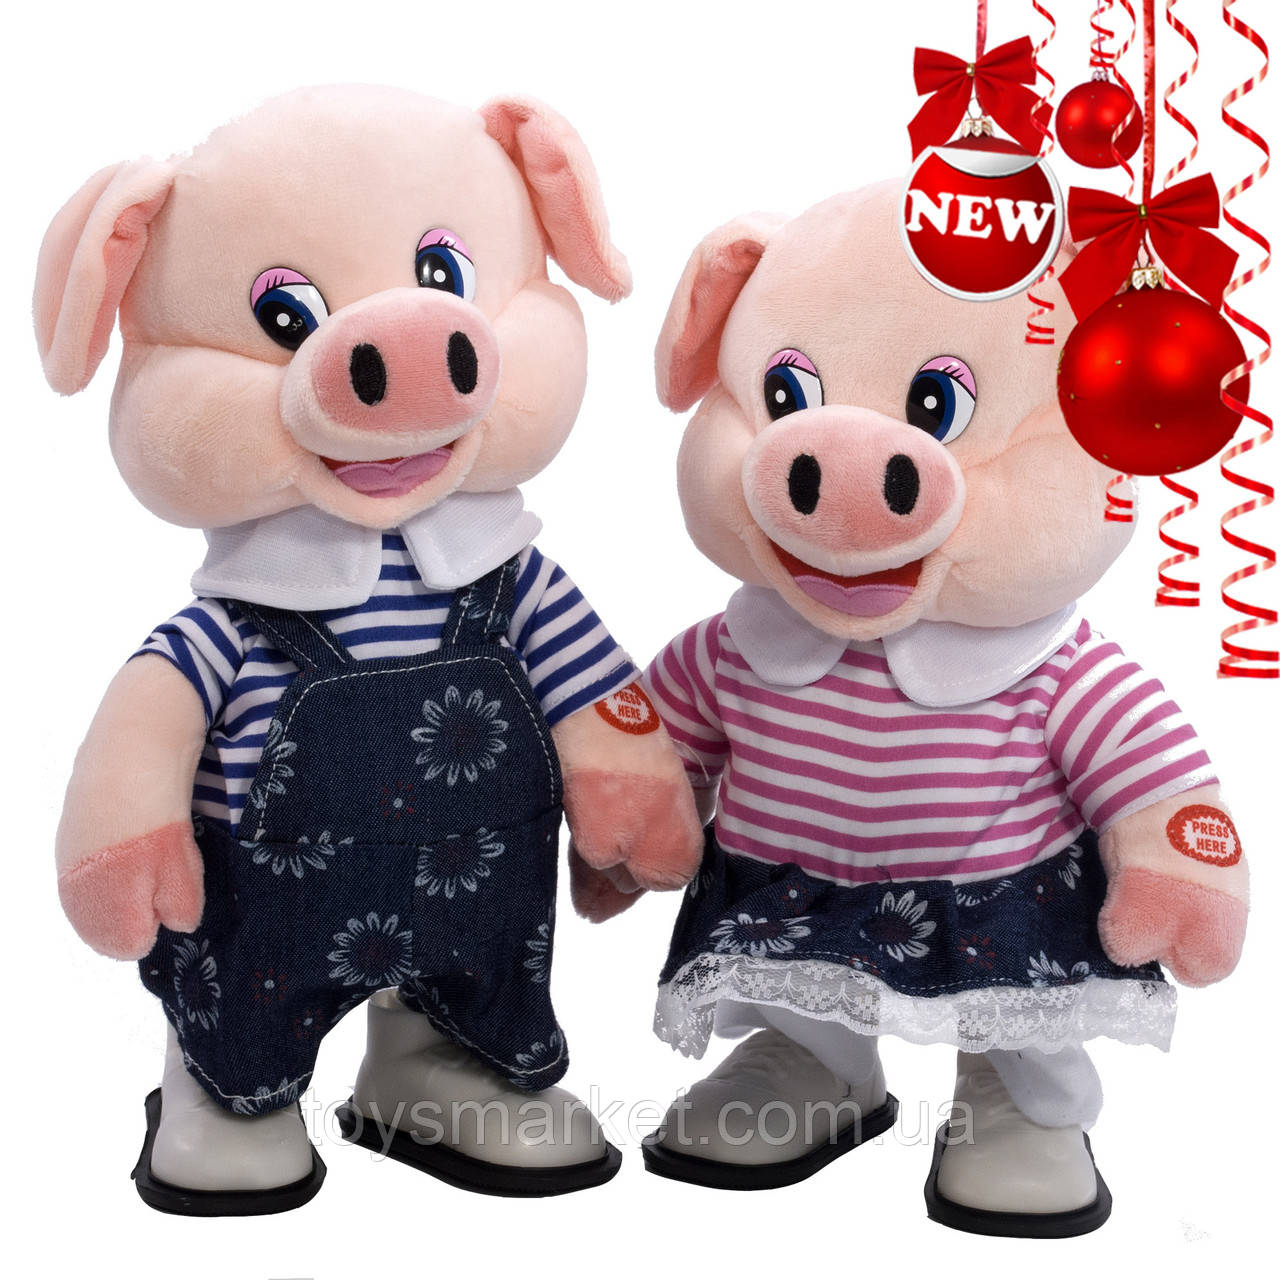 Детская мягкая игрушка, свинка интерактивная